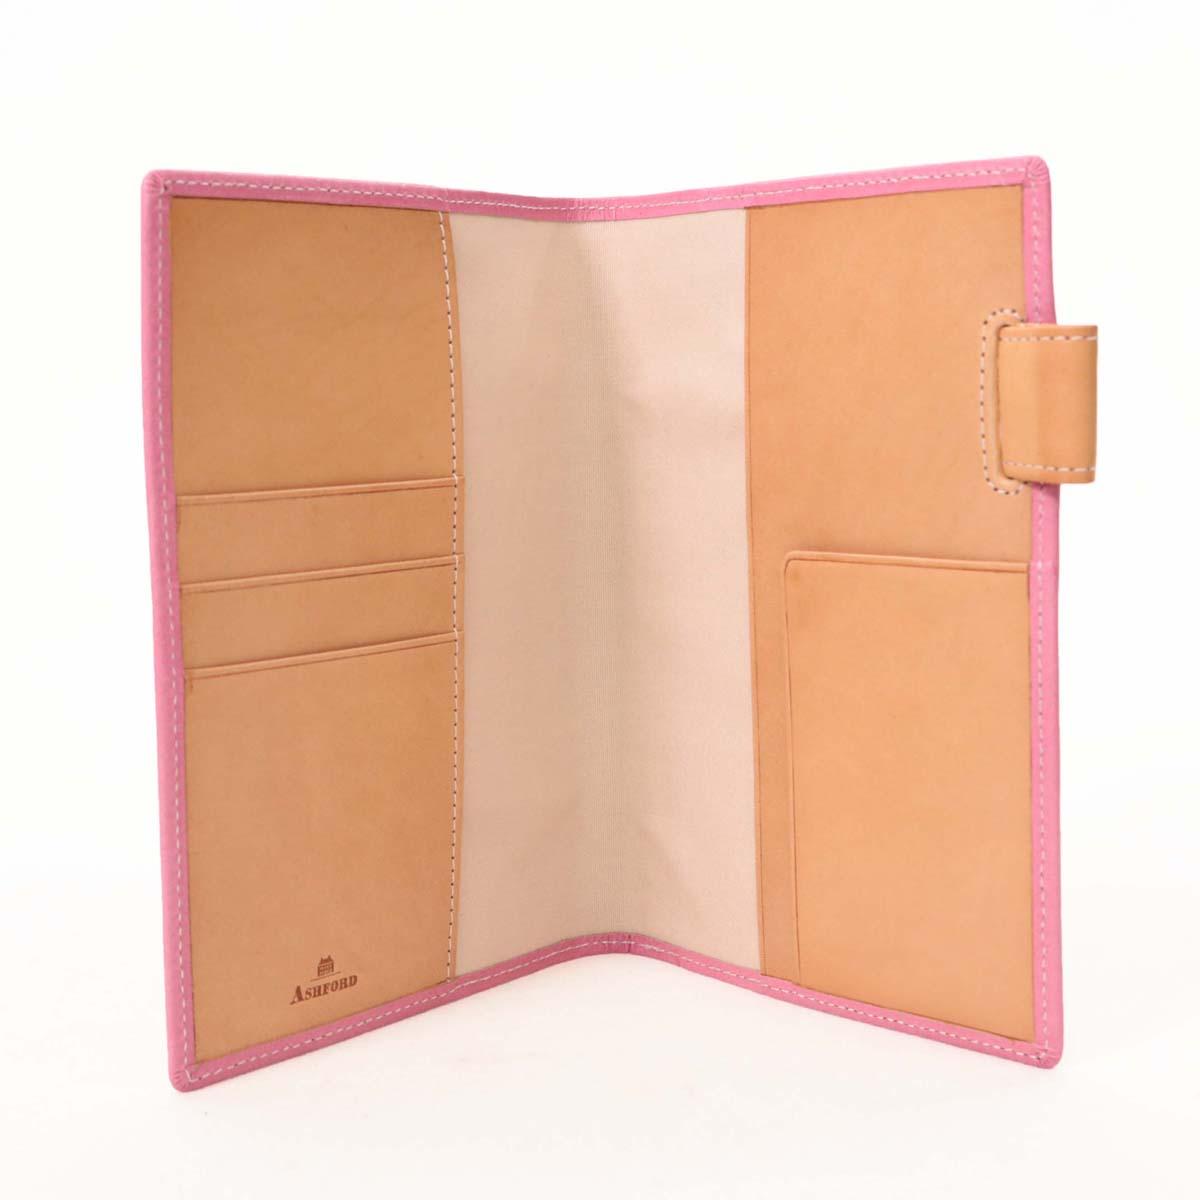 【中古】未使用品☆アッシュフォード システム手帳カバー ピンク☆  レザー/革/13646-CH0818